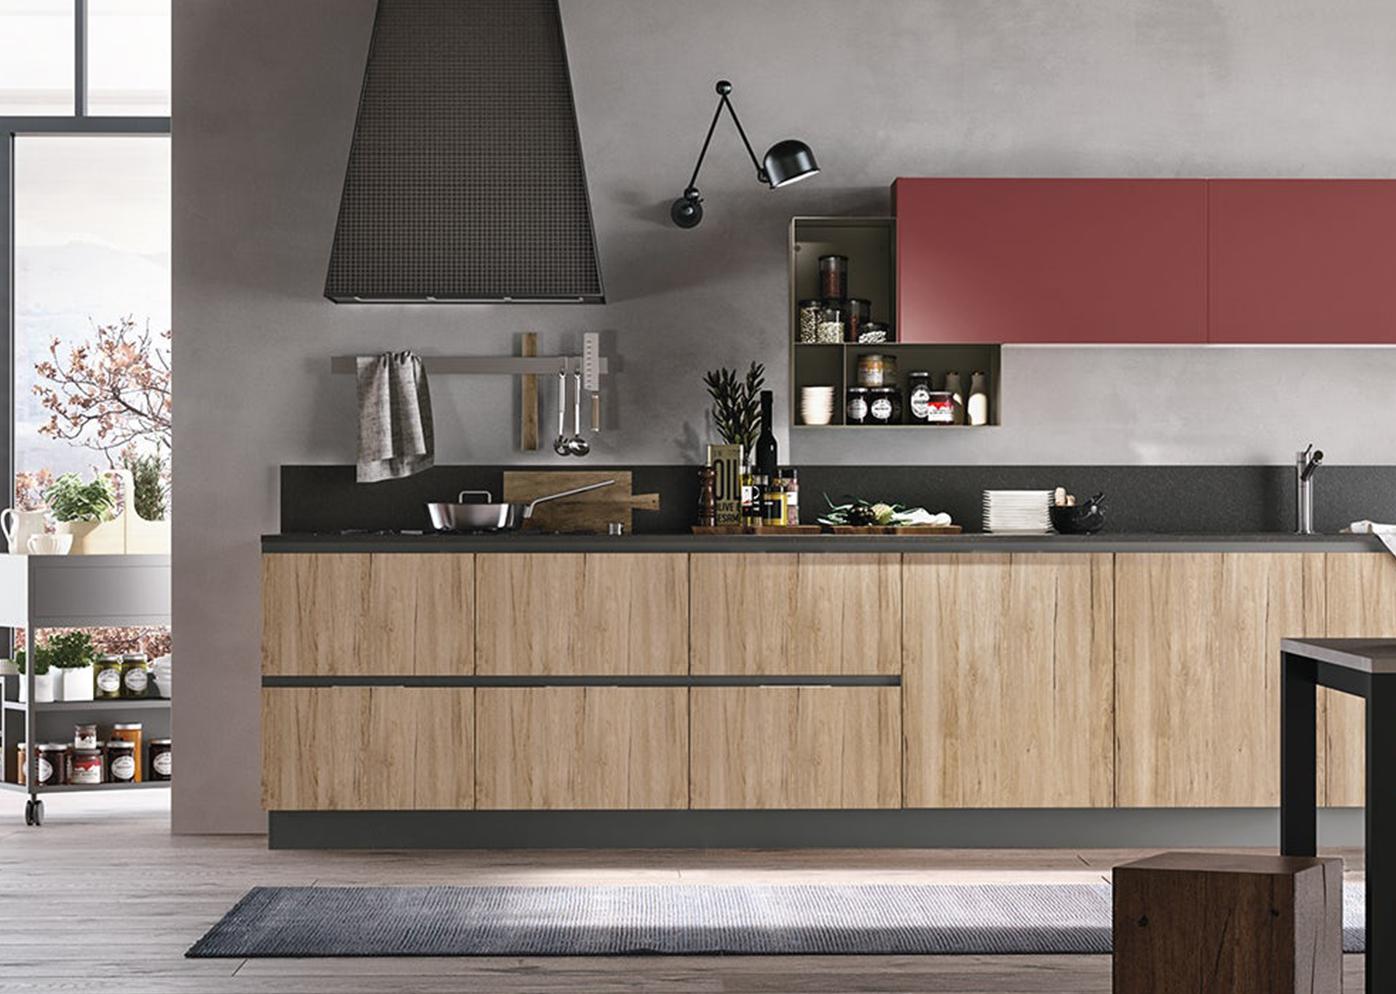 Cucine Lazzate Poliform, Stosa, Euromobil | Habitat Casa ...